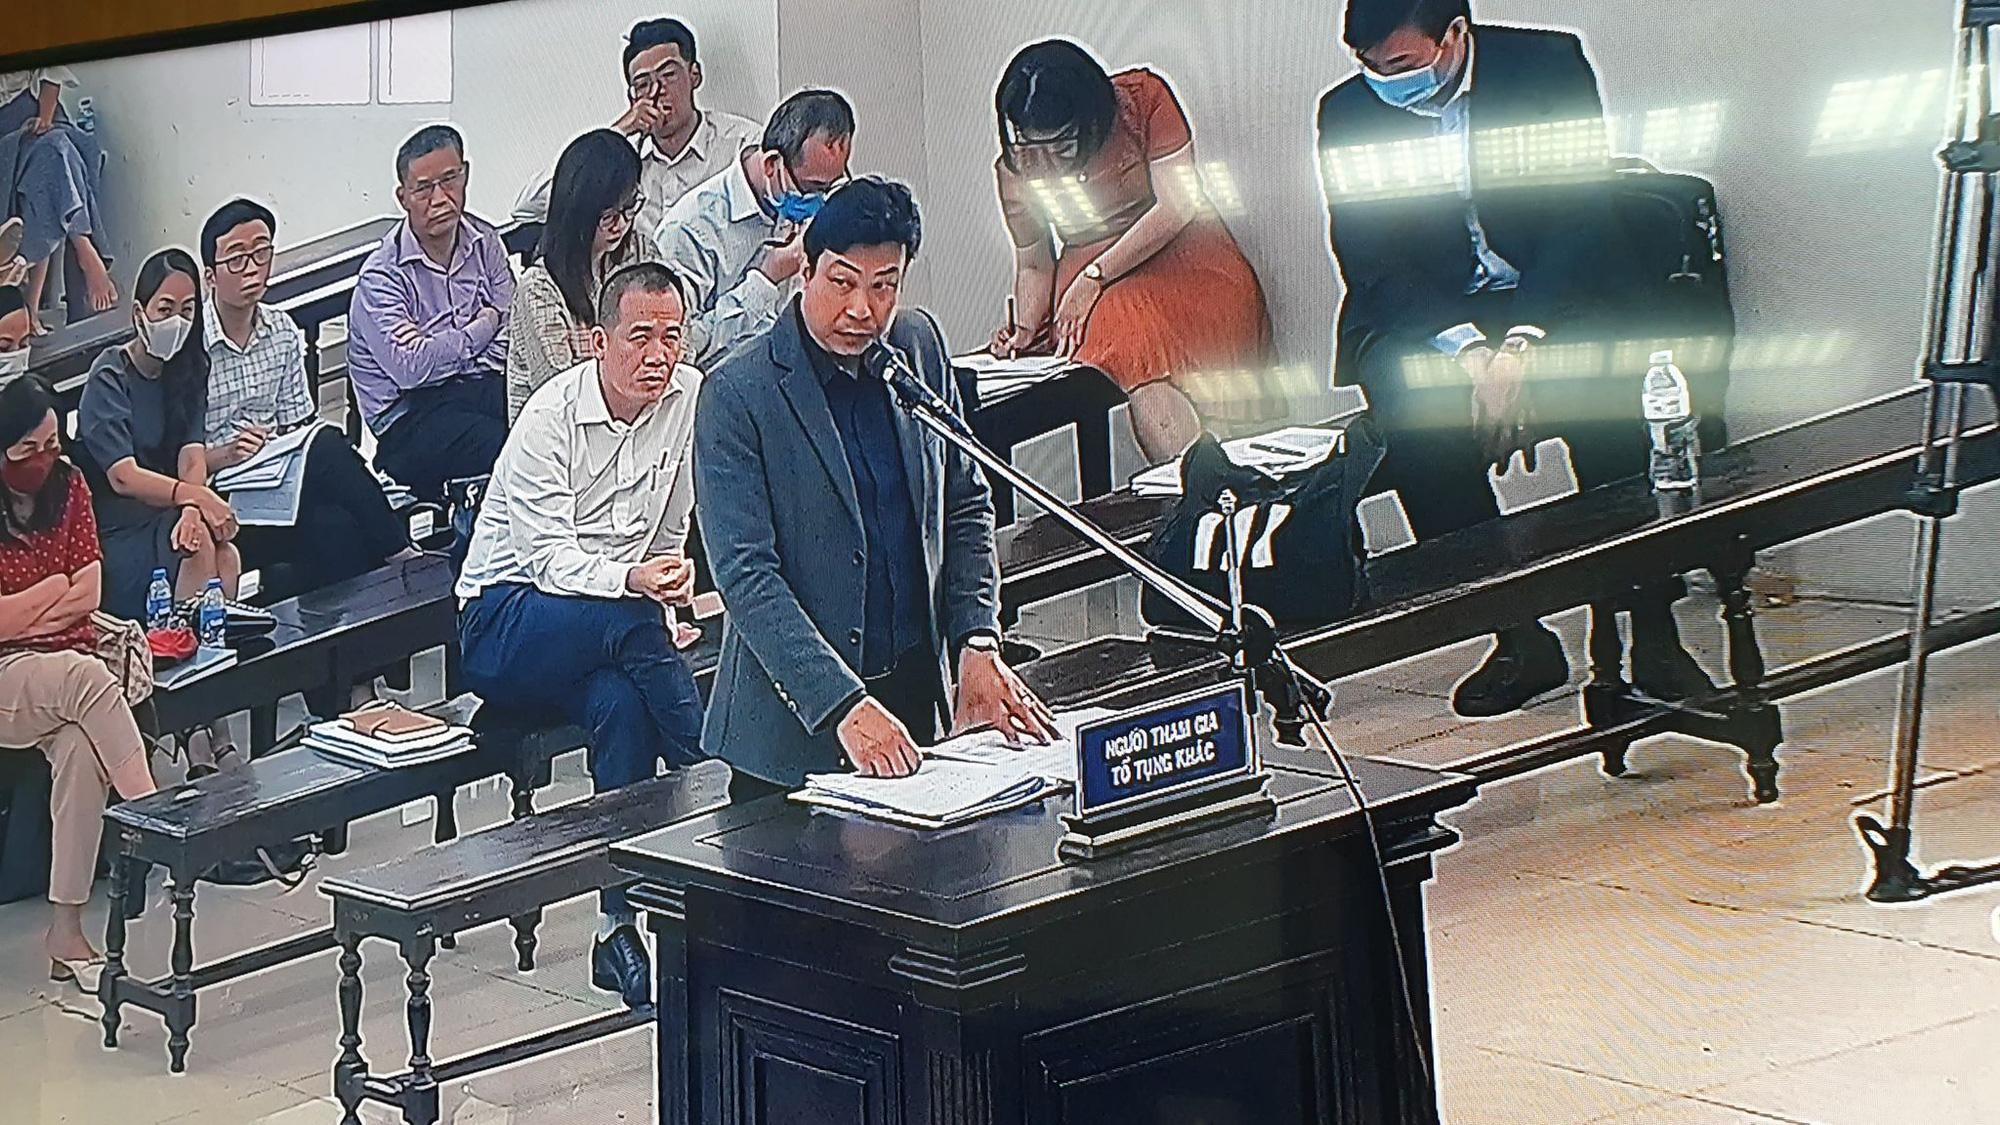 Cựu Chủ tịch Tổng Công ty thép Việt Nam nói không tẩu tán tài sản - Ảnh 2.